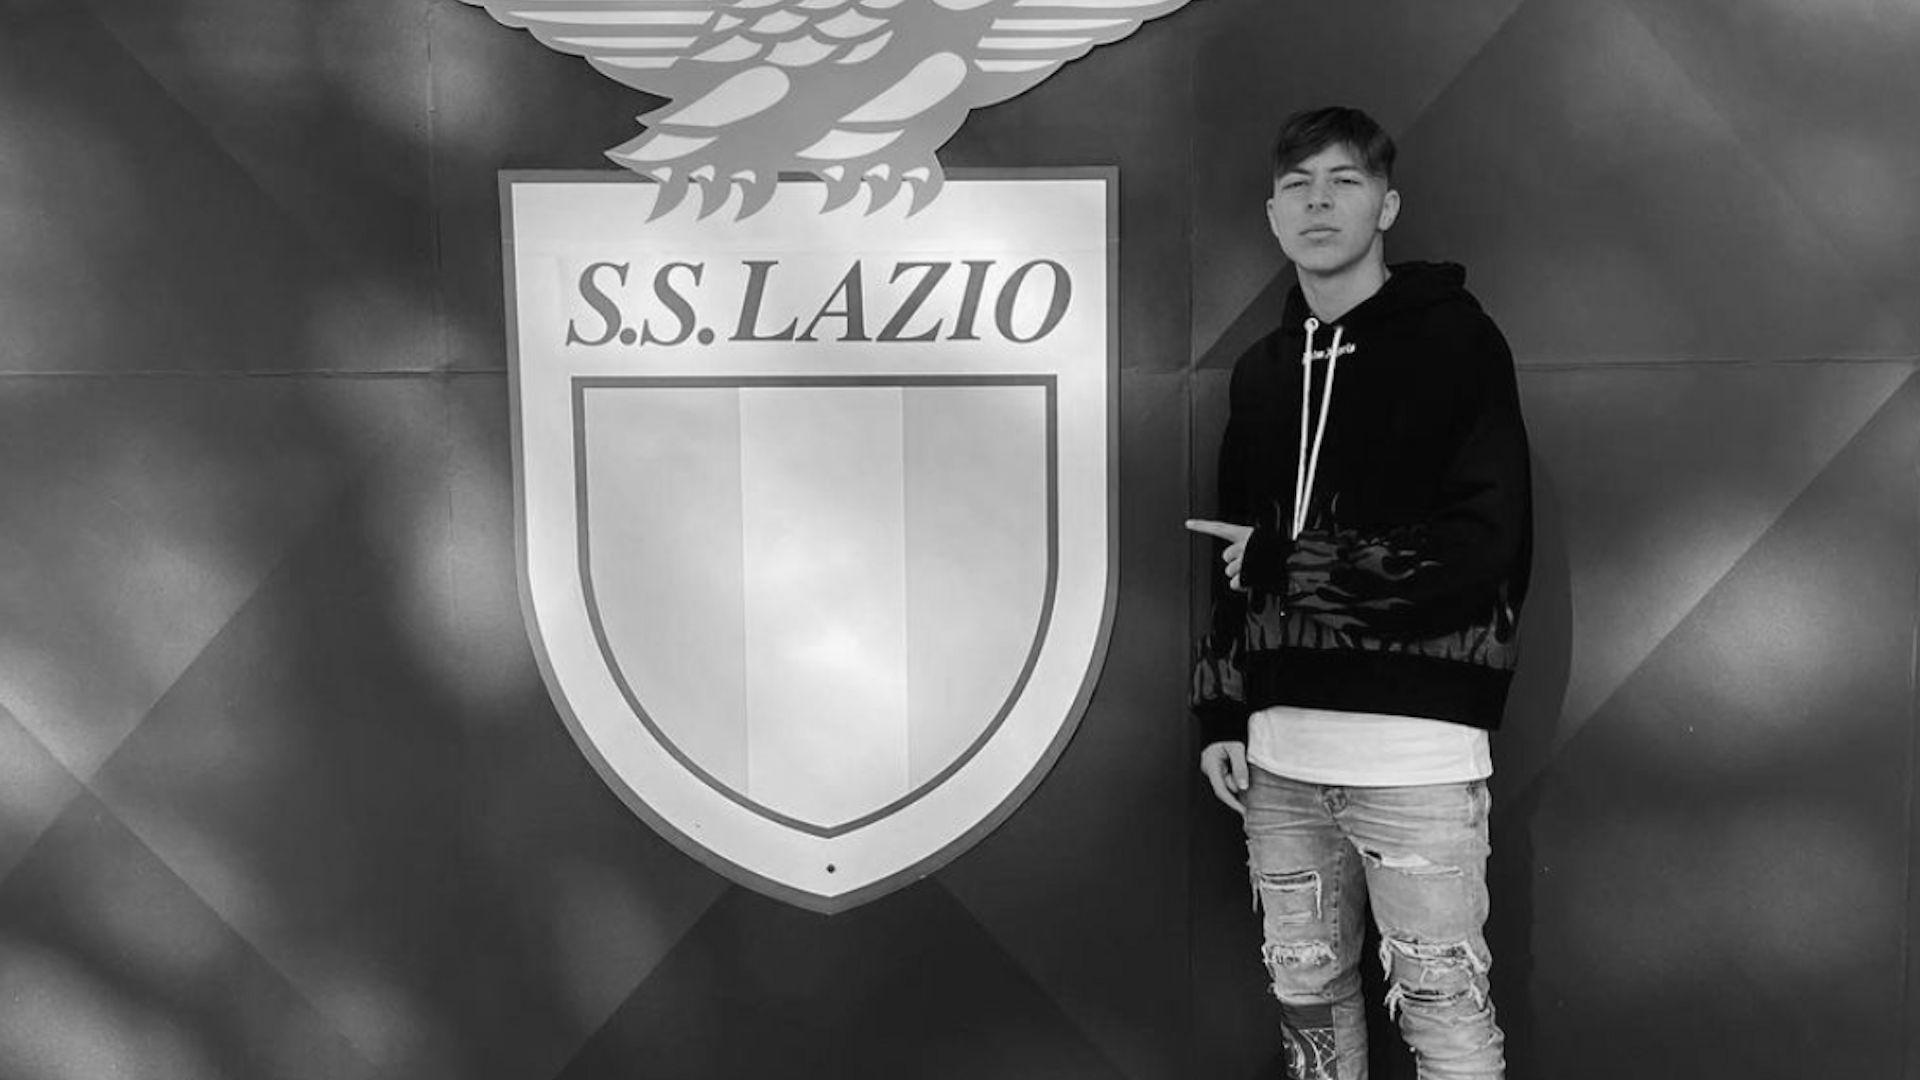 19-годишен талант на Лацио загина в катастрофа